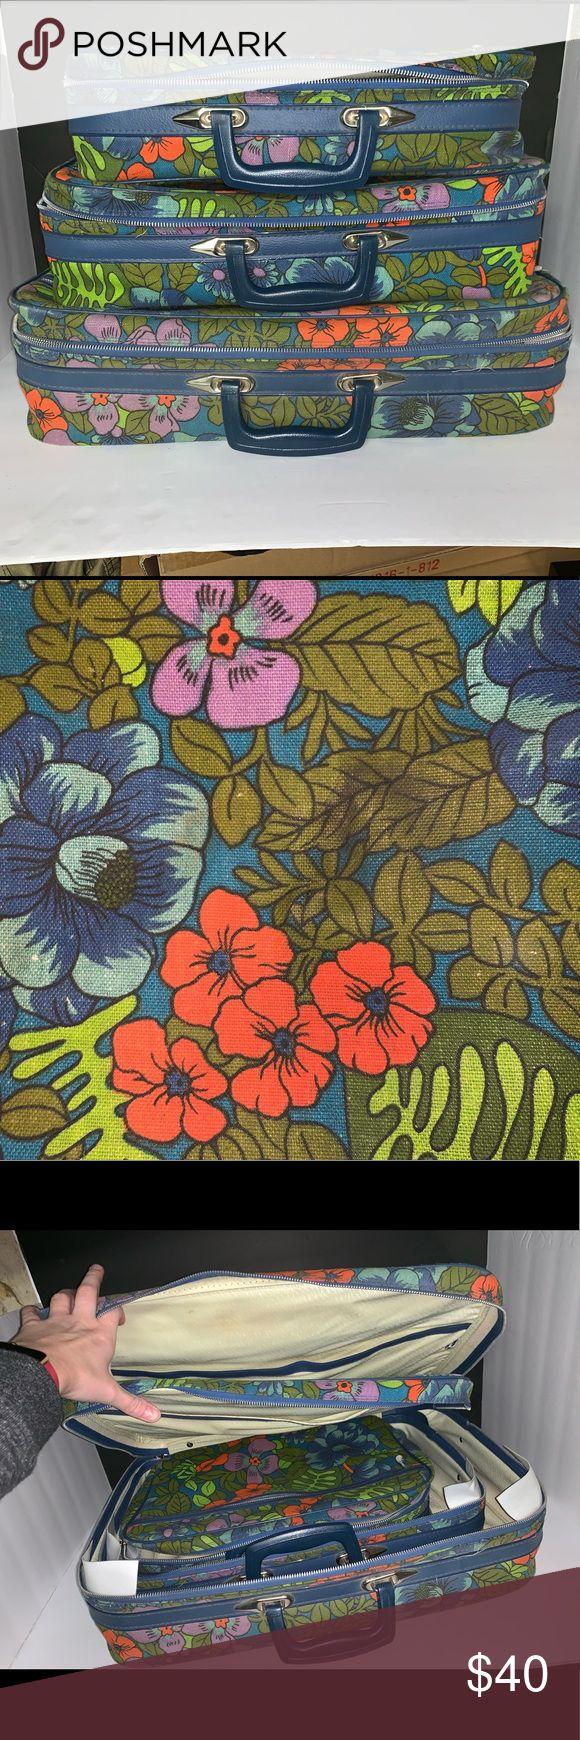 Vintage Koffer 3er Set Vintage Koffer 3er Set Wunderschönes Blumenmuster …